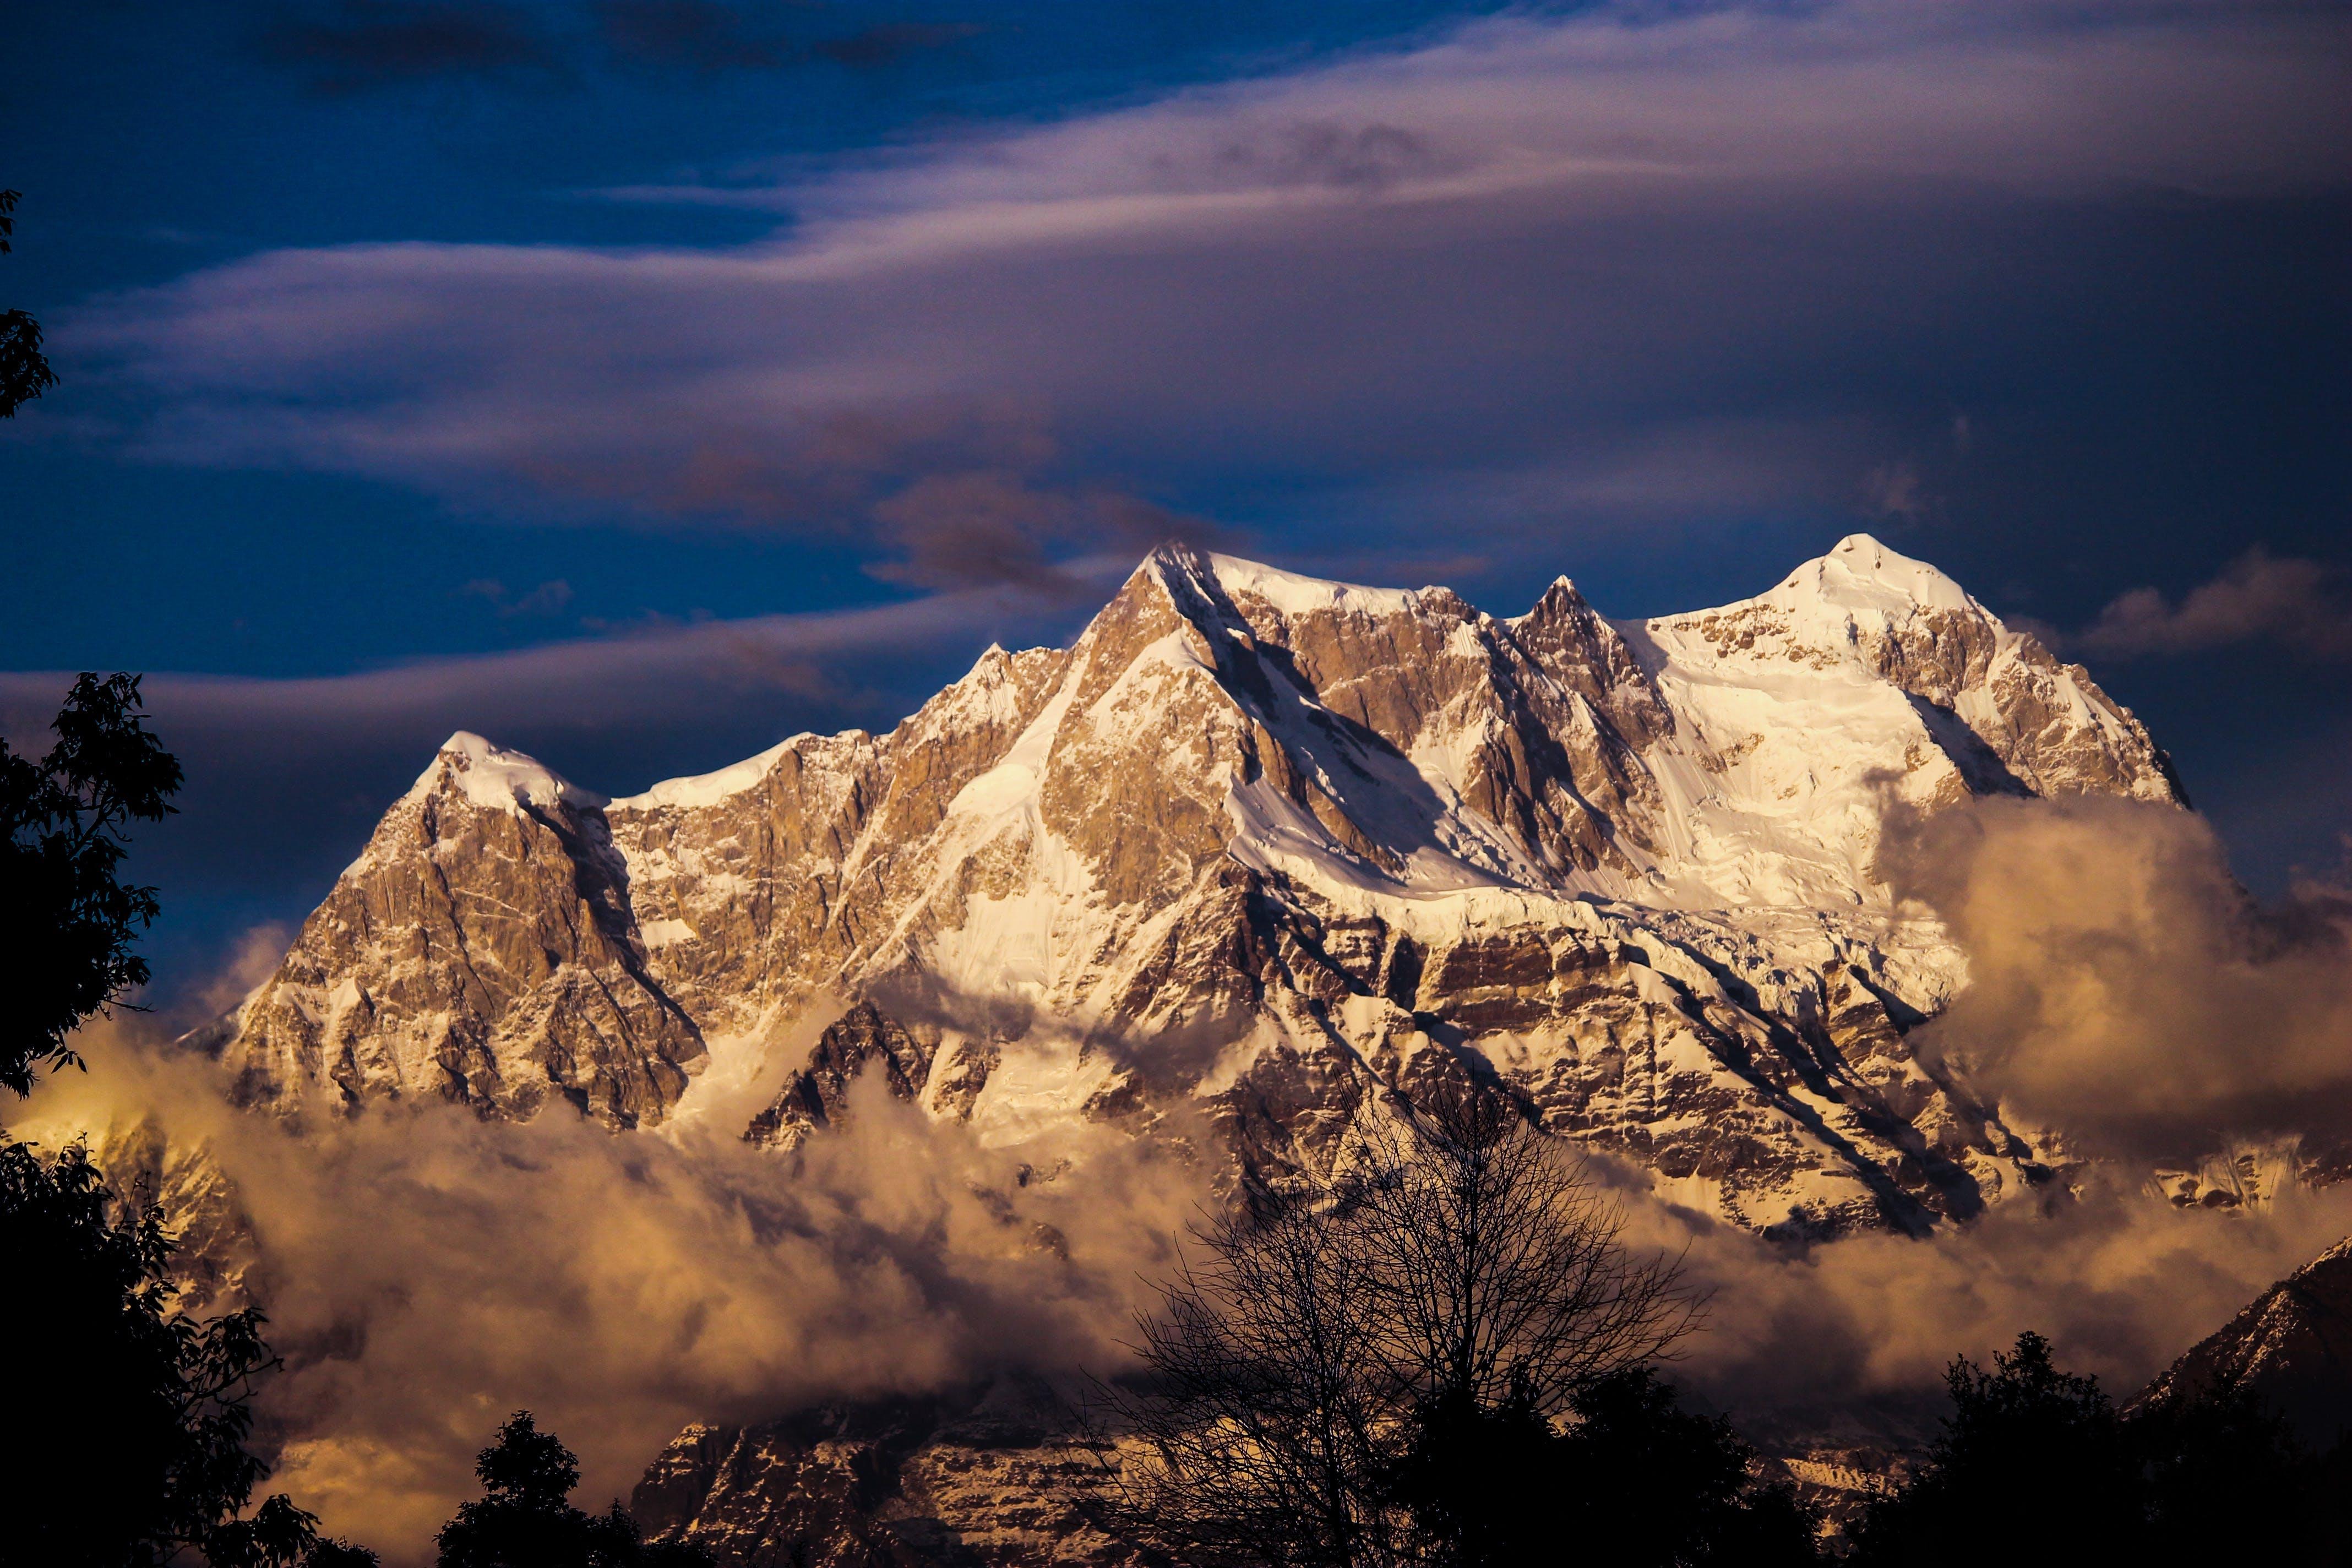 Free stock photo of snow, trees, mountain, cloud